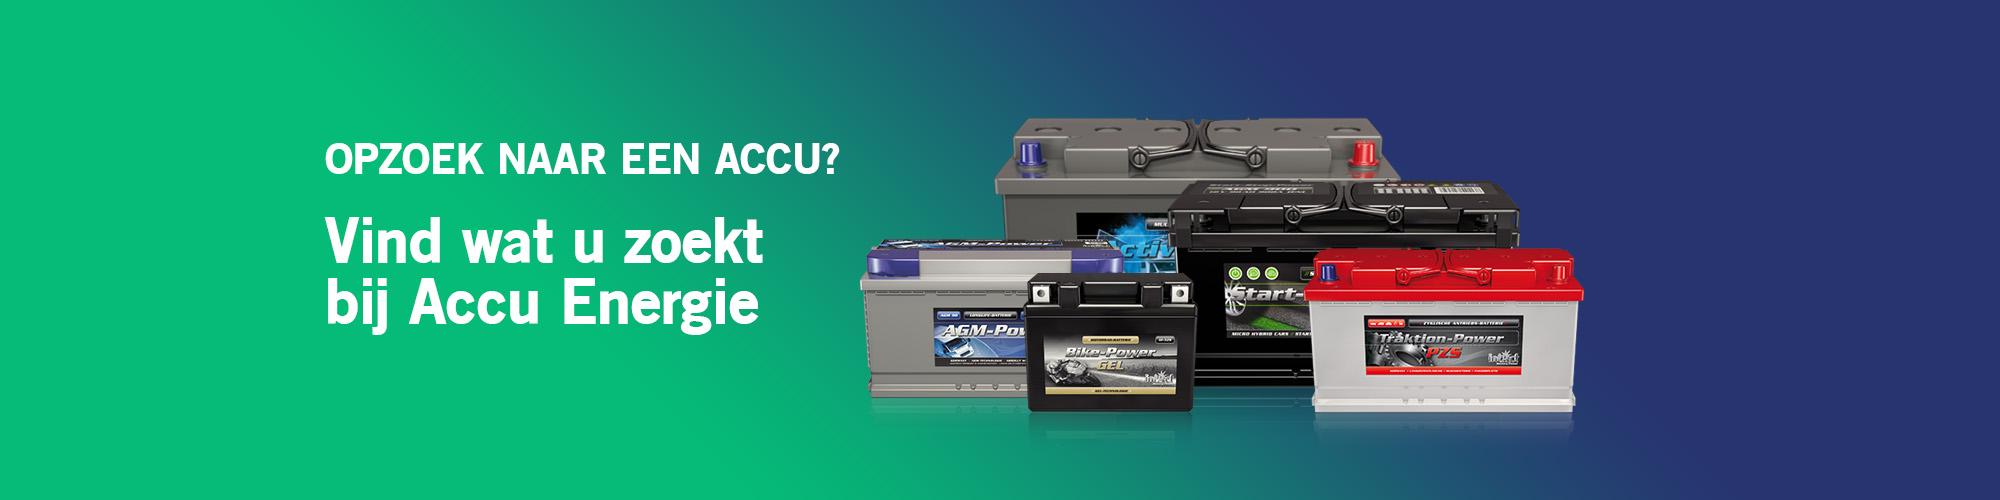 Accu Energie, de juiste accu voor alle soorten toepassing banner 2